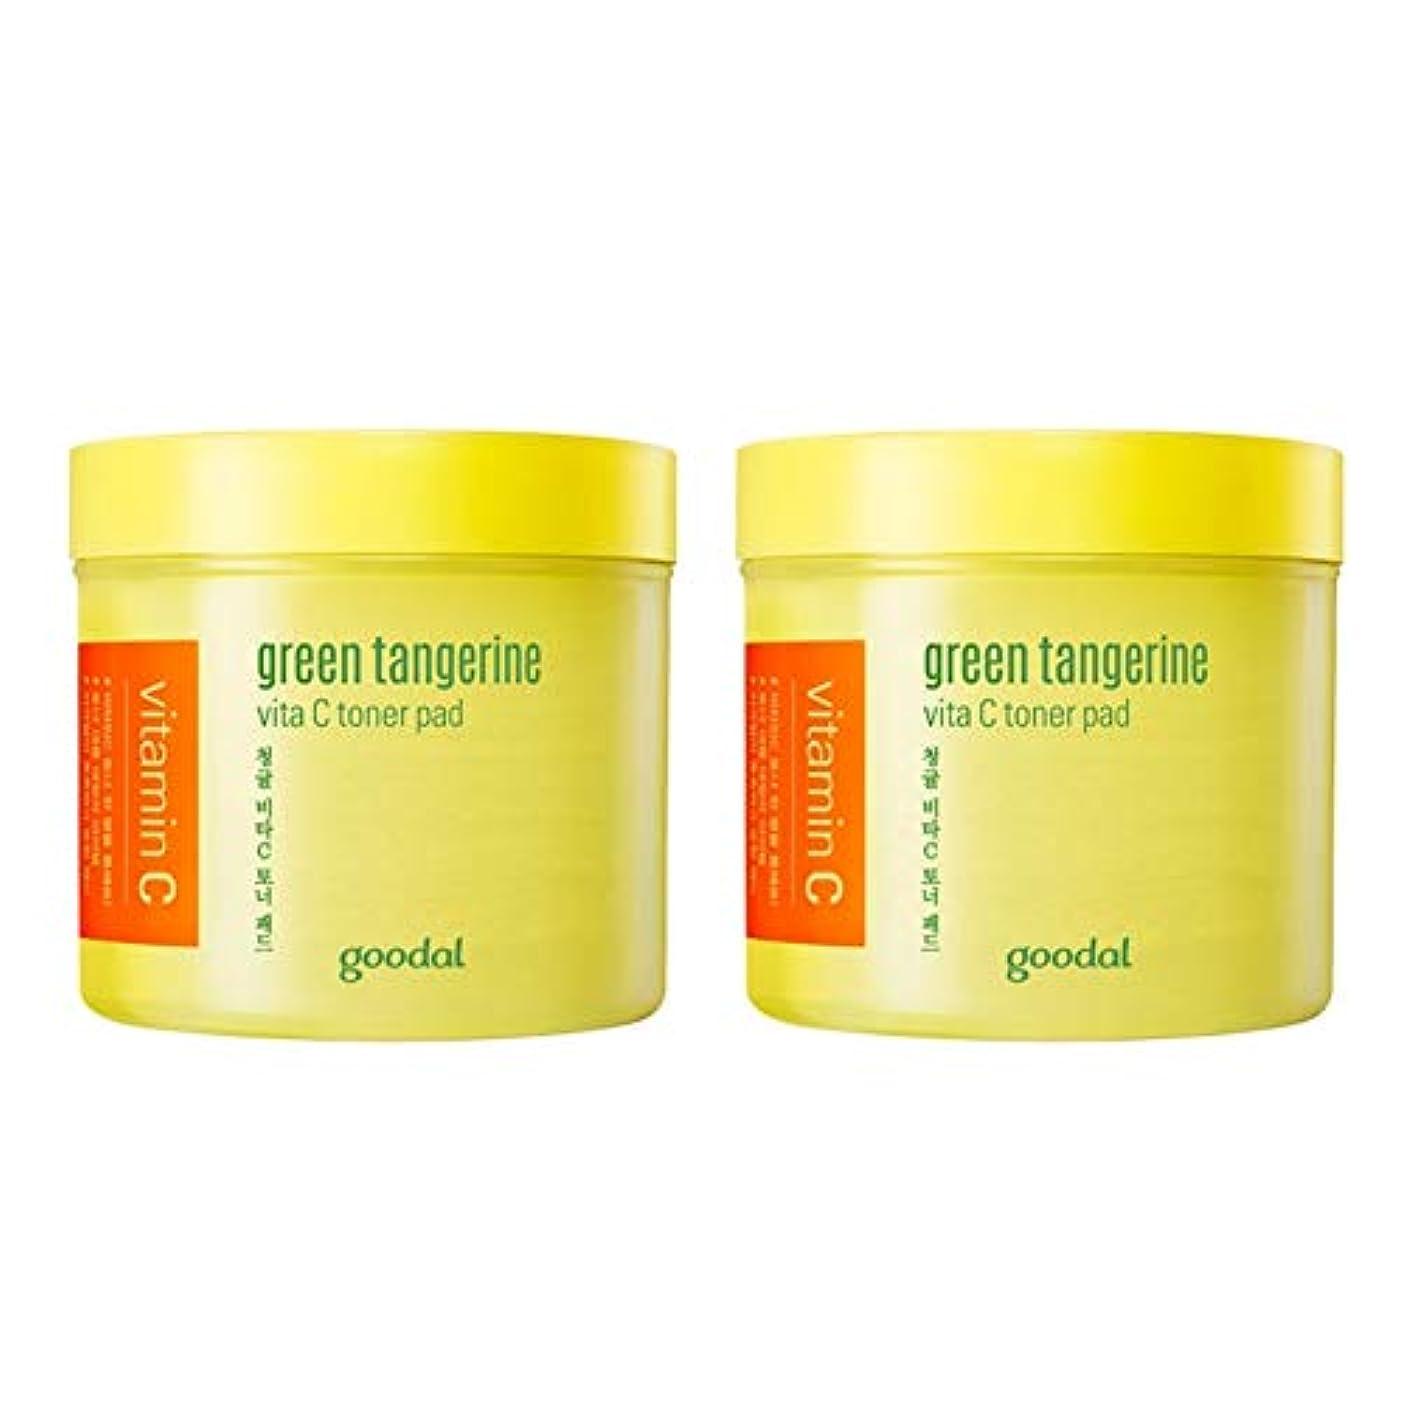 義務的期限切れ結晶グドール青みかんヴィータCトナーパッド70px2本セット質除去、水分供給 韓国コスメ 、Goodal Green Tangerine Vita C Toner Pad 70p x 2ea Set Korean Cosmetics [並行輸入品]